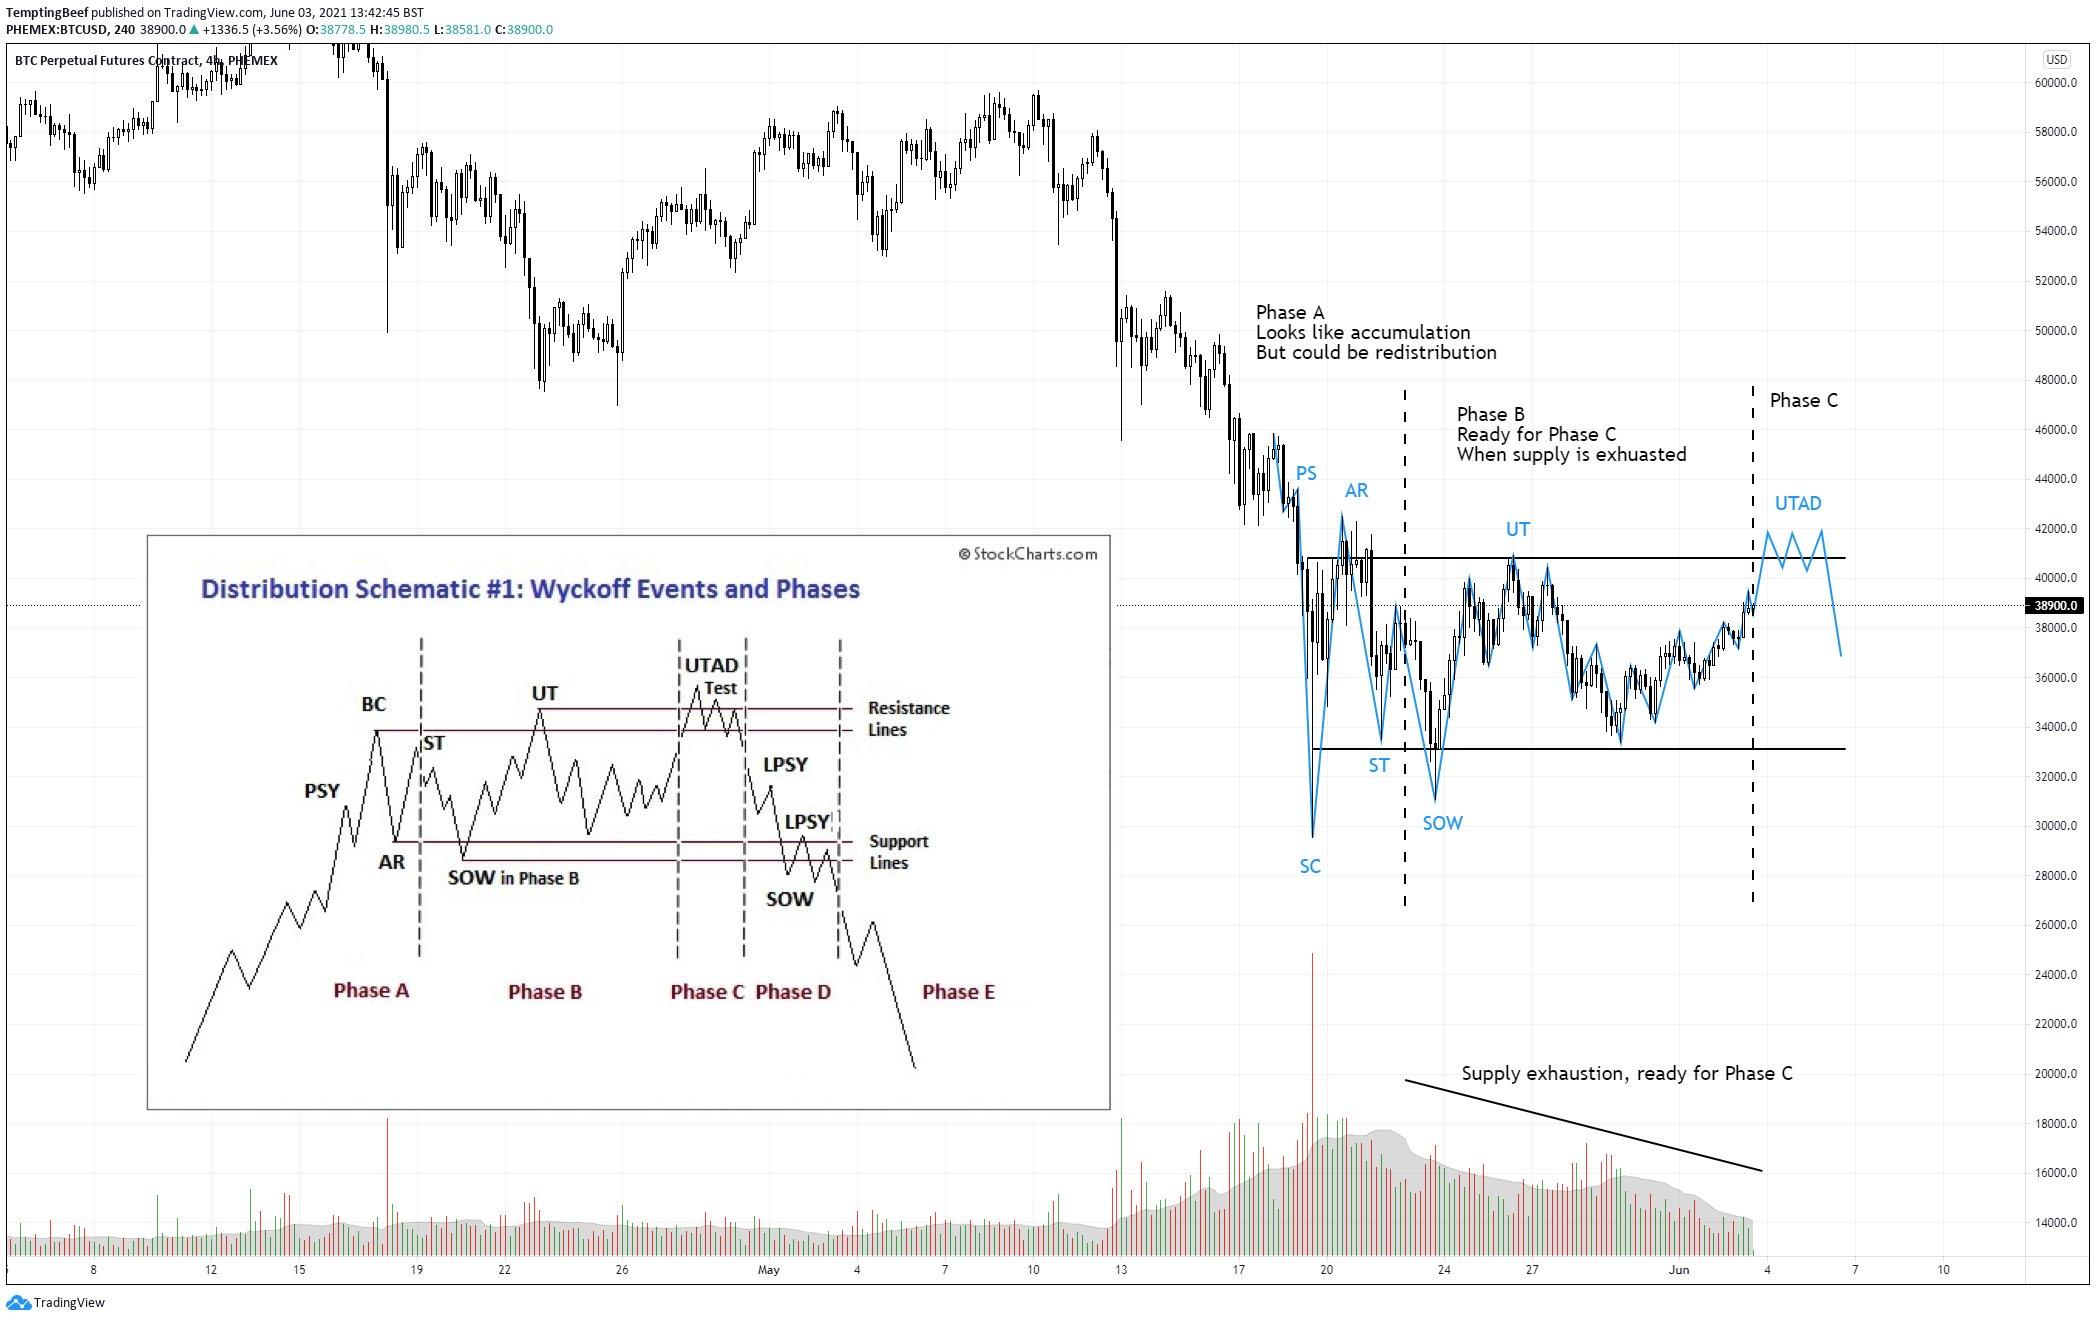 Bitcoin klesl pod 36 000 dolarů podle staletého cenového modelu, který předpovídá velký krach BTC